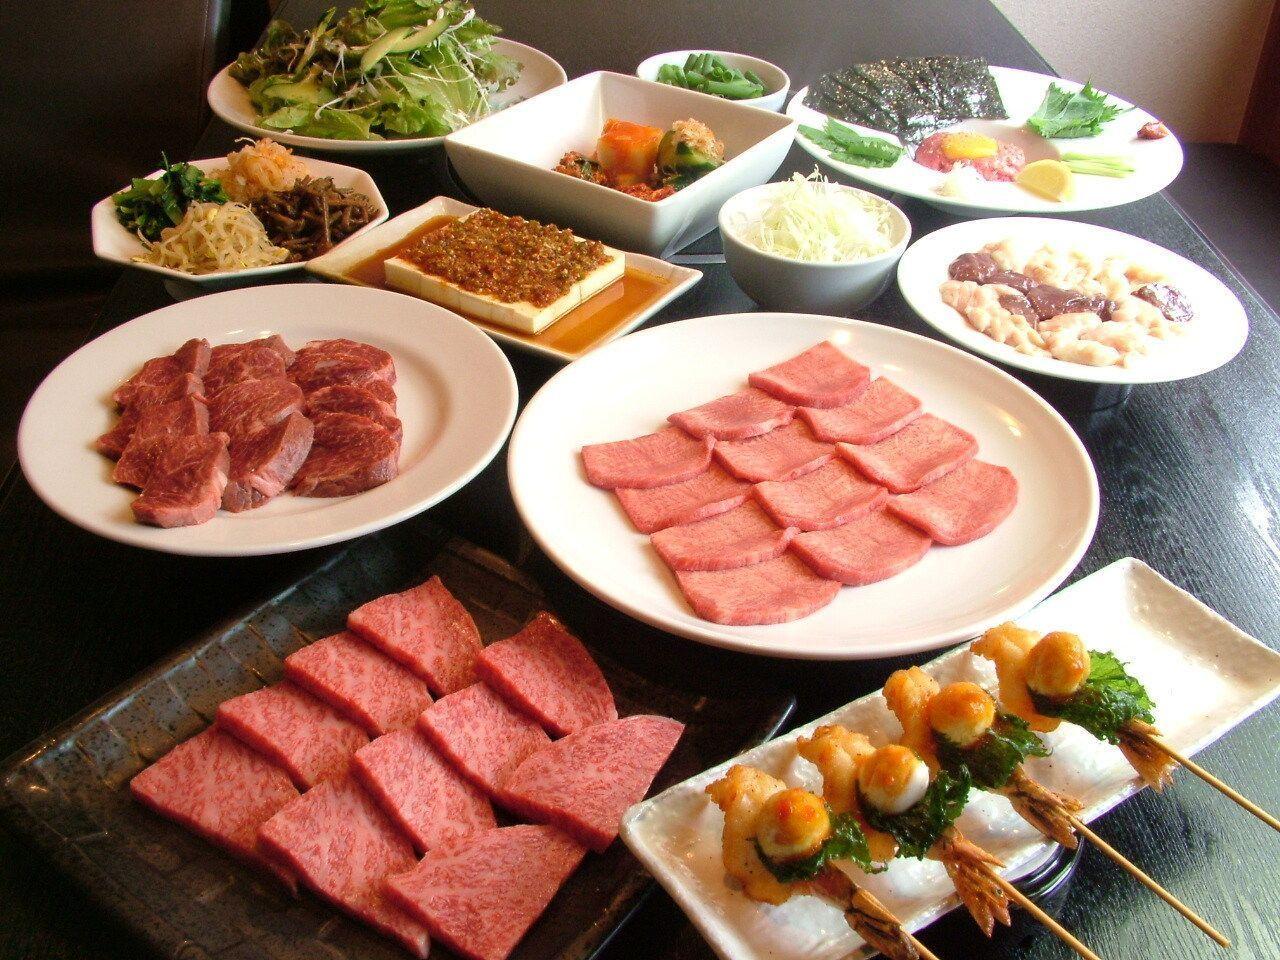 近場の赤羽で韓国料理を食べよう!定番から穴場までのおすすめ6選♪の画像